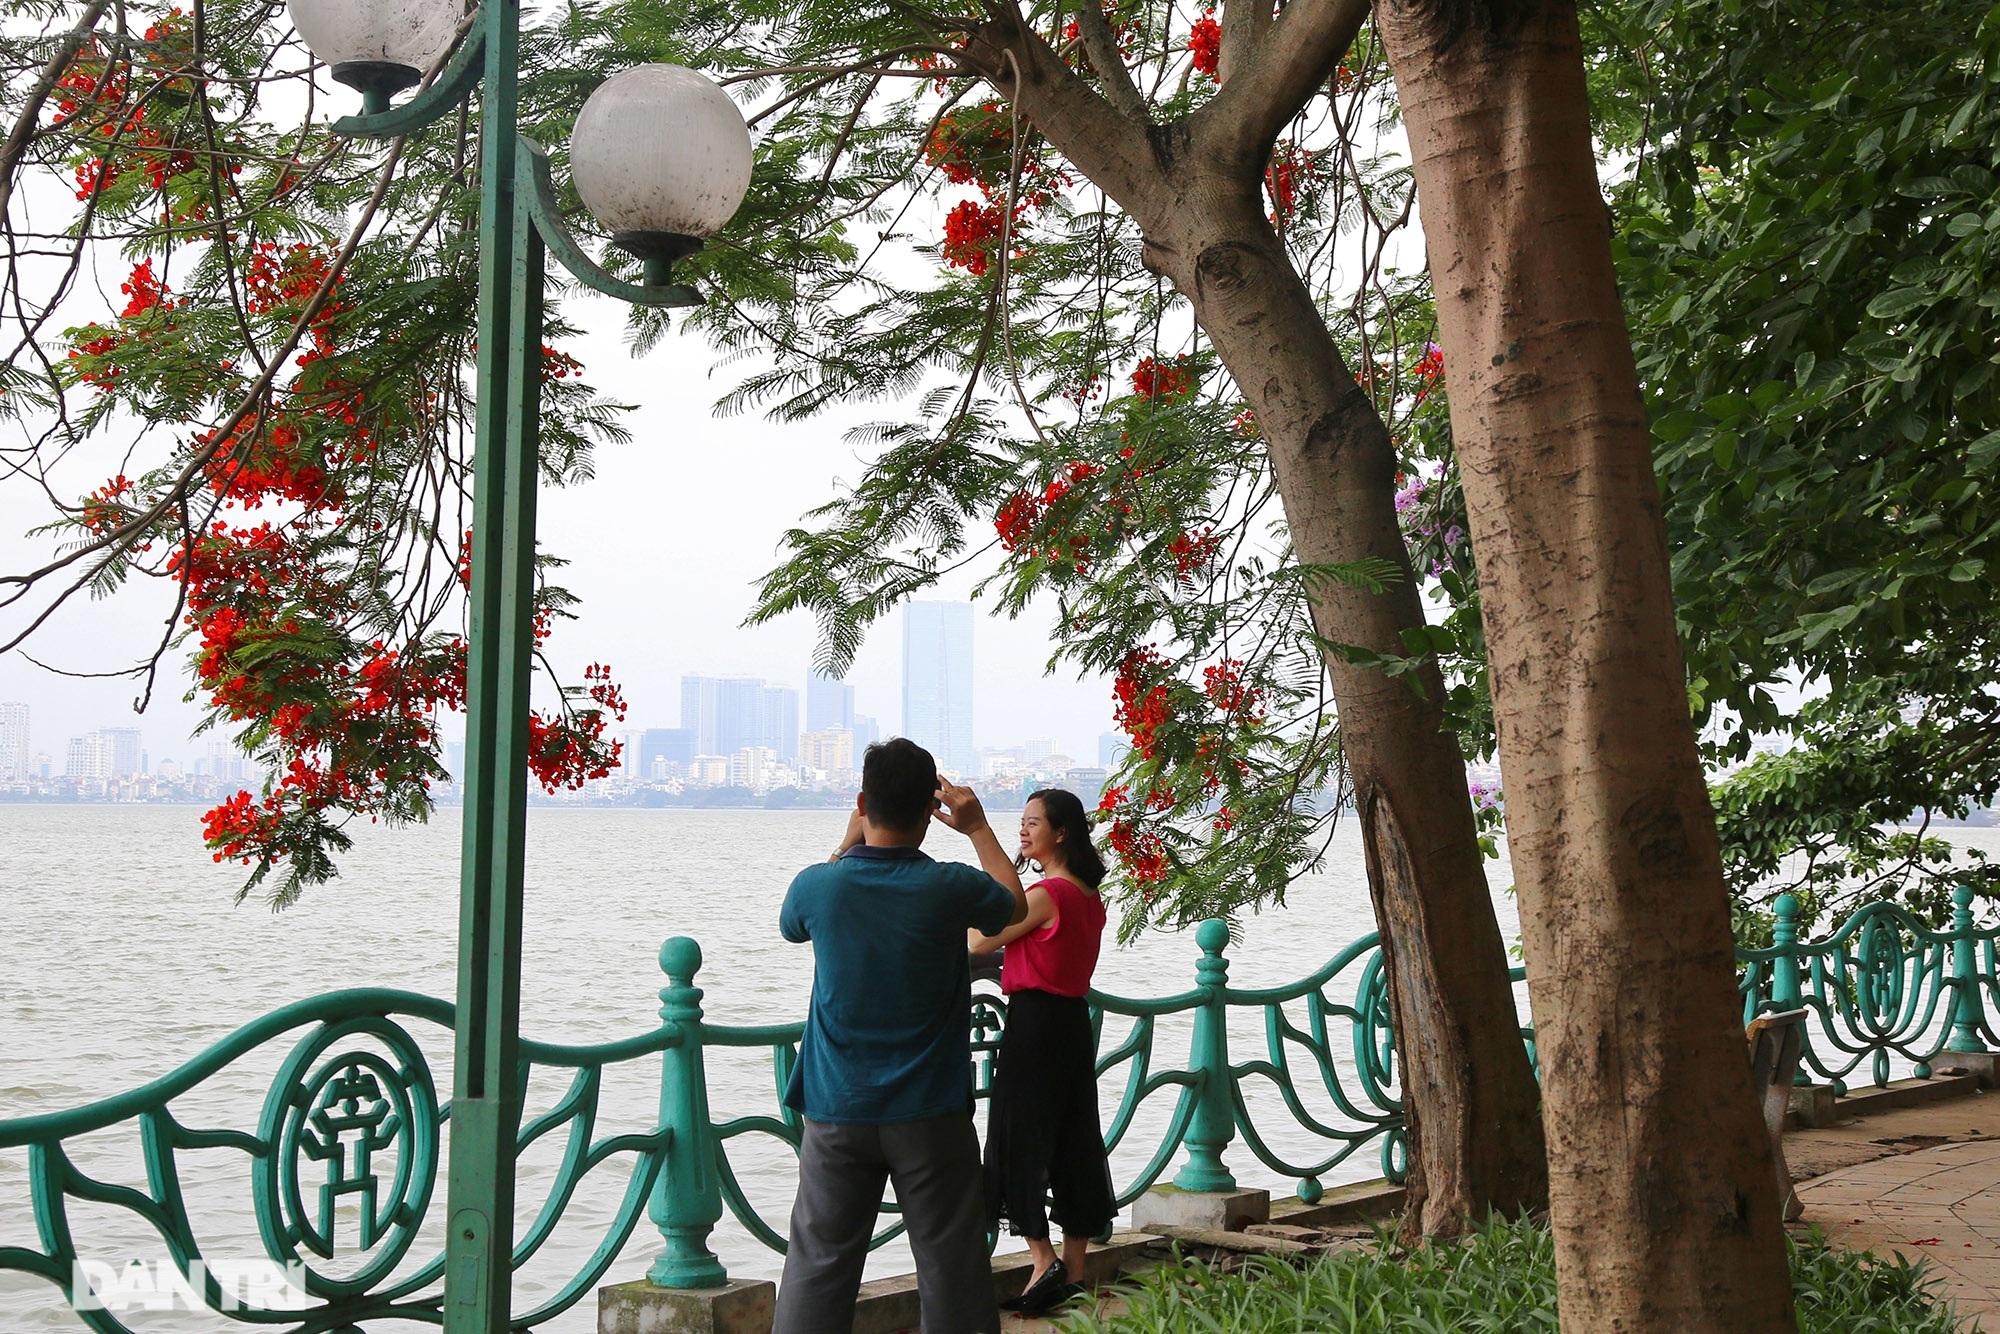 Mùa hoa phượng vĩ bắt đầu nở đẹp khắp phố phường Hà Nội - 3